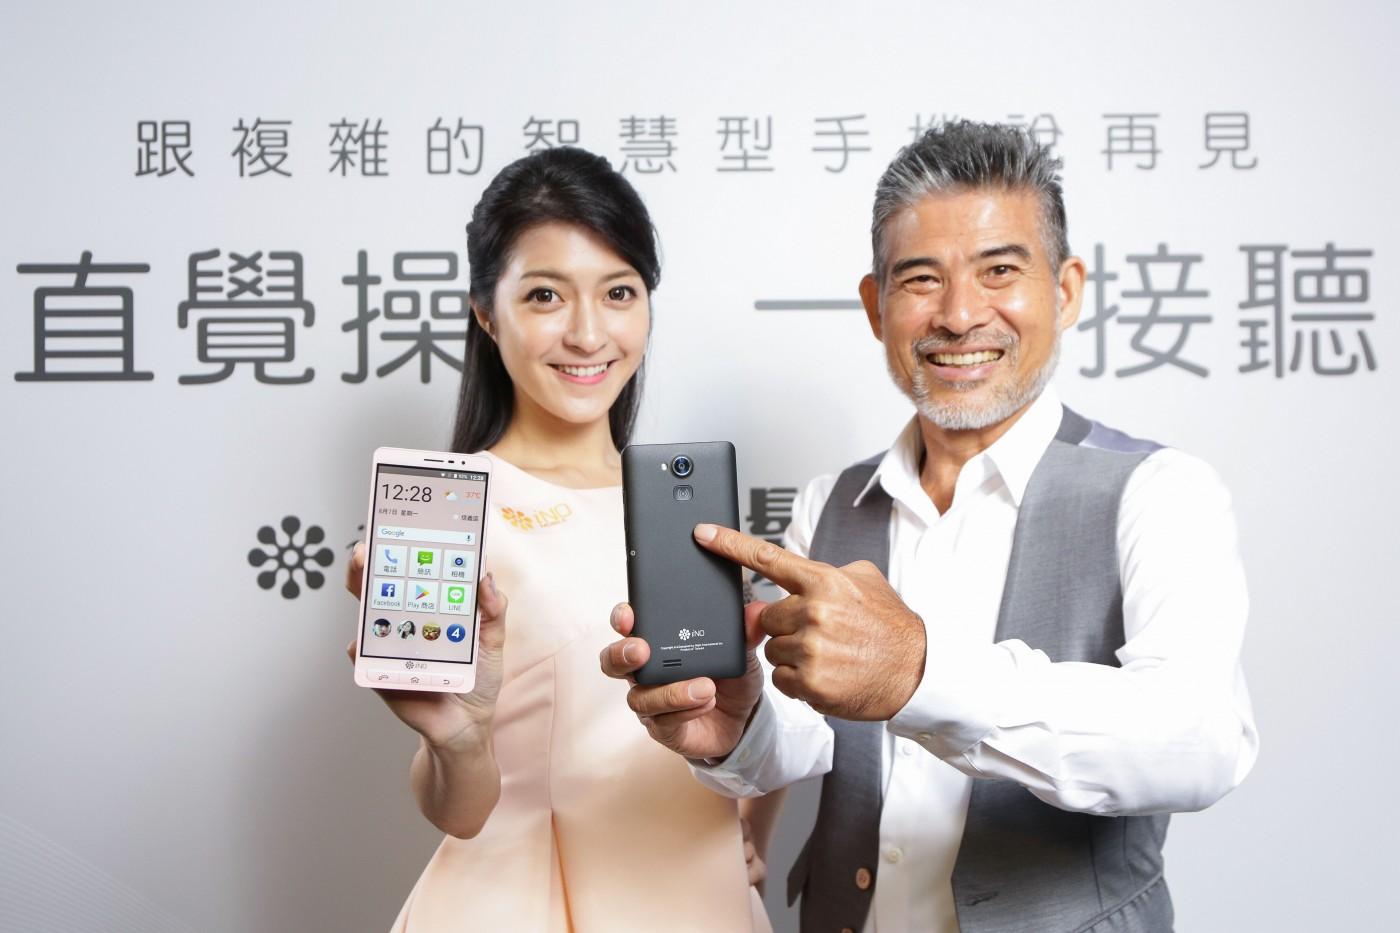 專注銀髮族需求,九年都在做老人機的iNO推了第一款智慧型手機